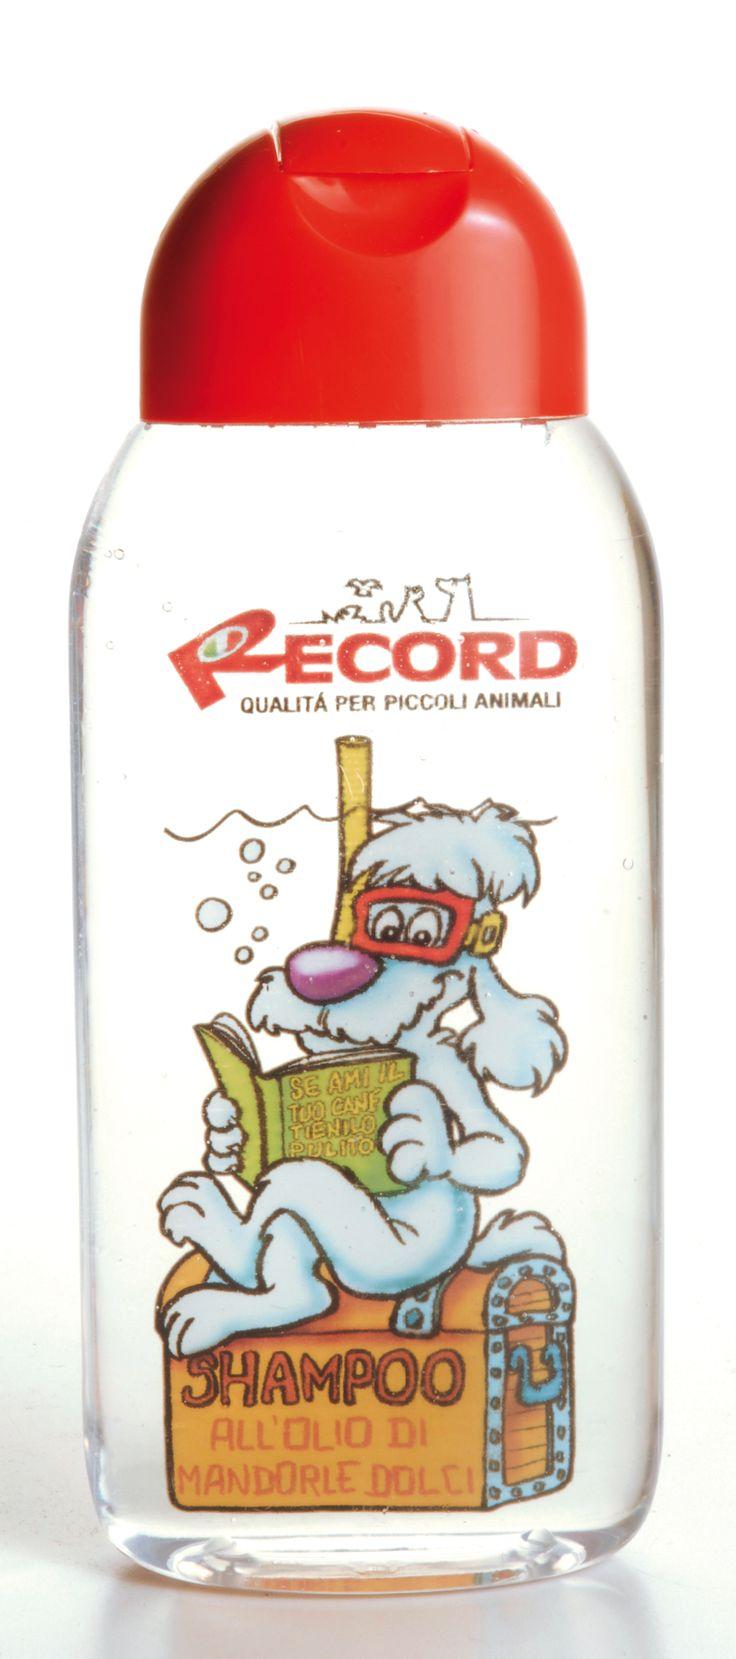 #Shampoo per cani #Record - al profumo di olio di mandorle dolci